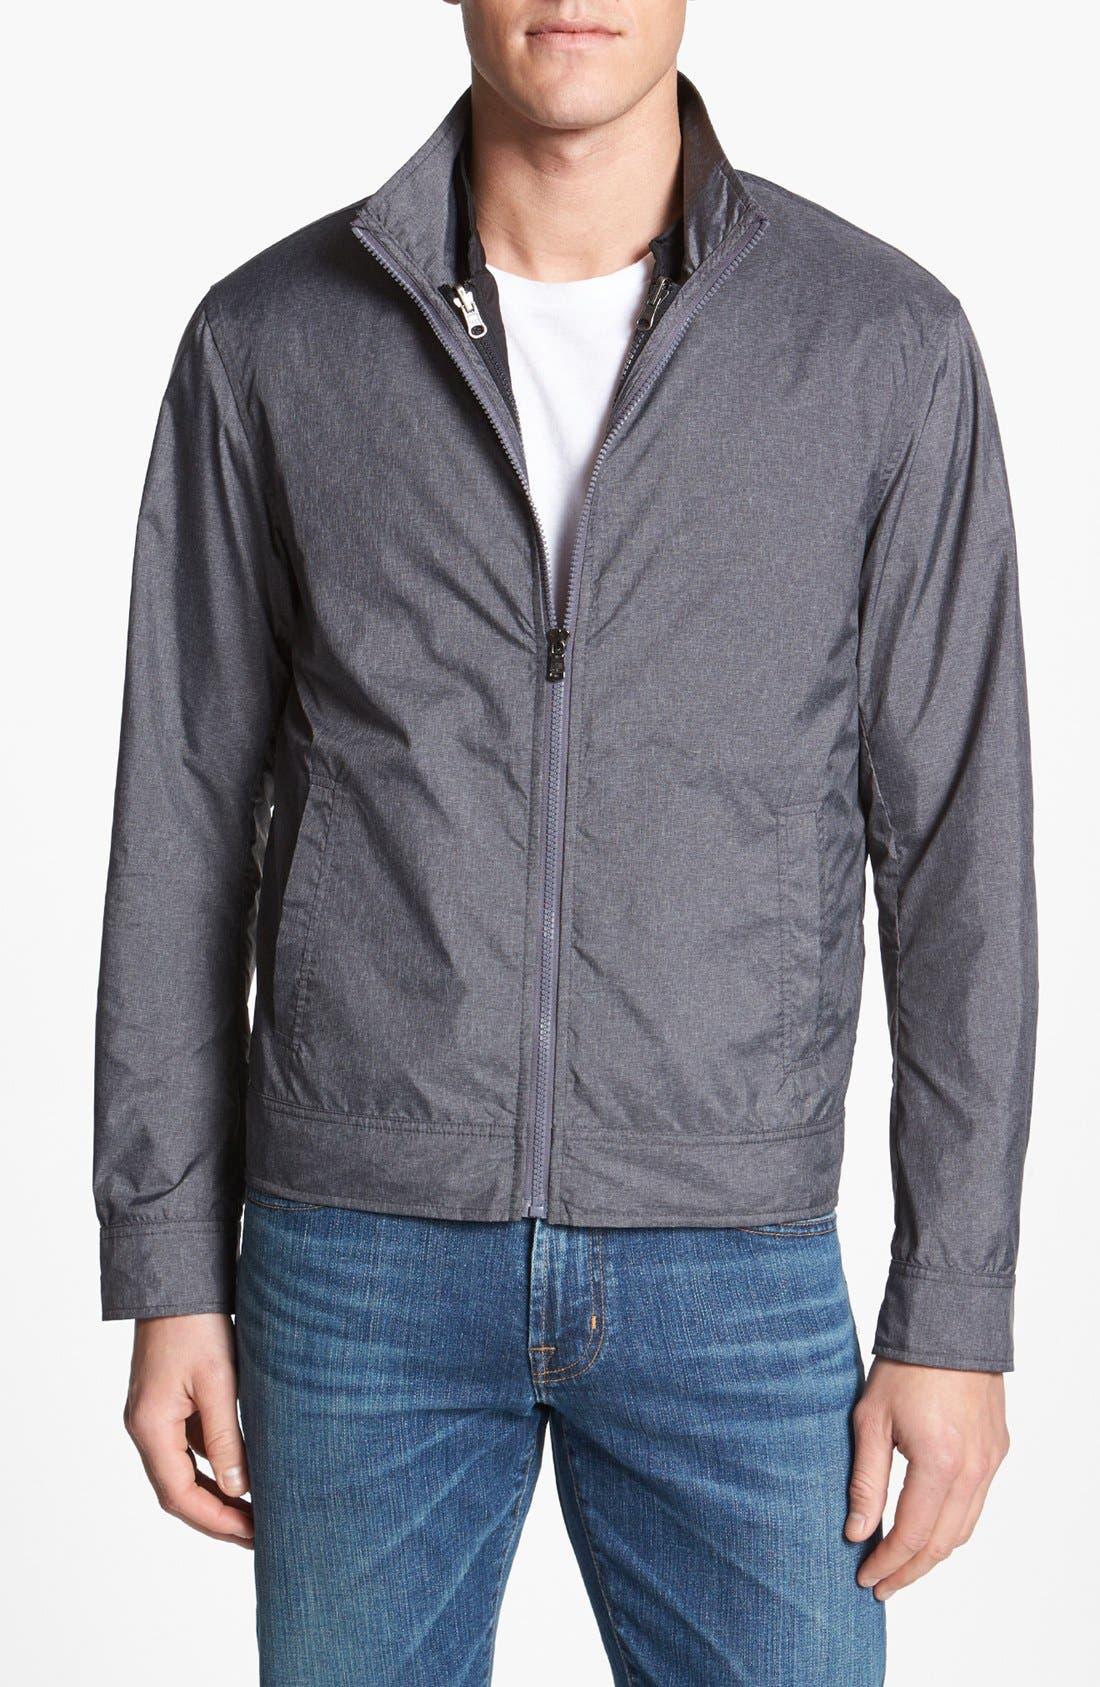 Main Image - Michael Kors Trim Fit 3-in-1 Jacket